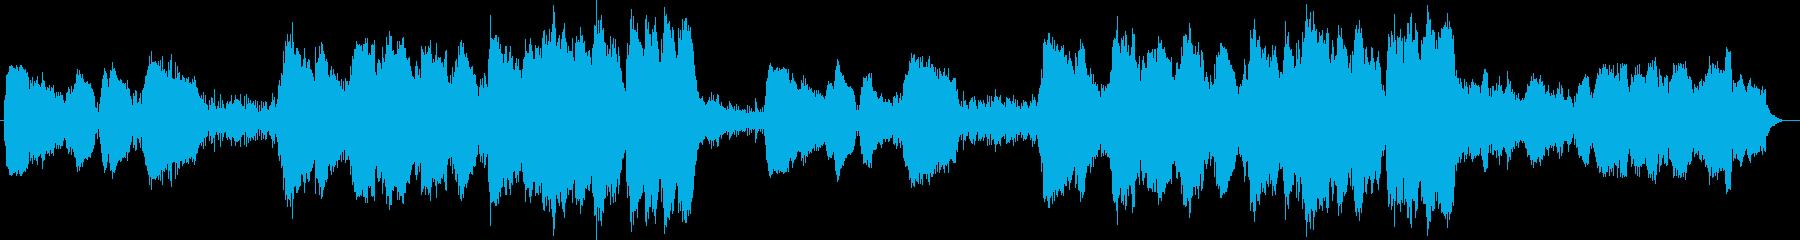 壮大で幻想的で神秘的なシンセサウンドの再生済みの波形